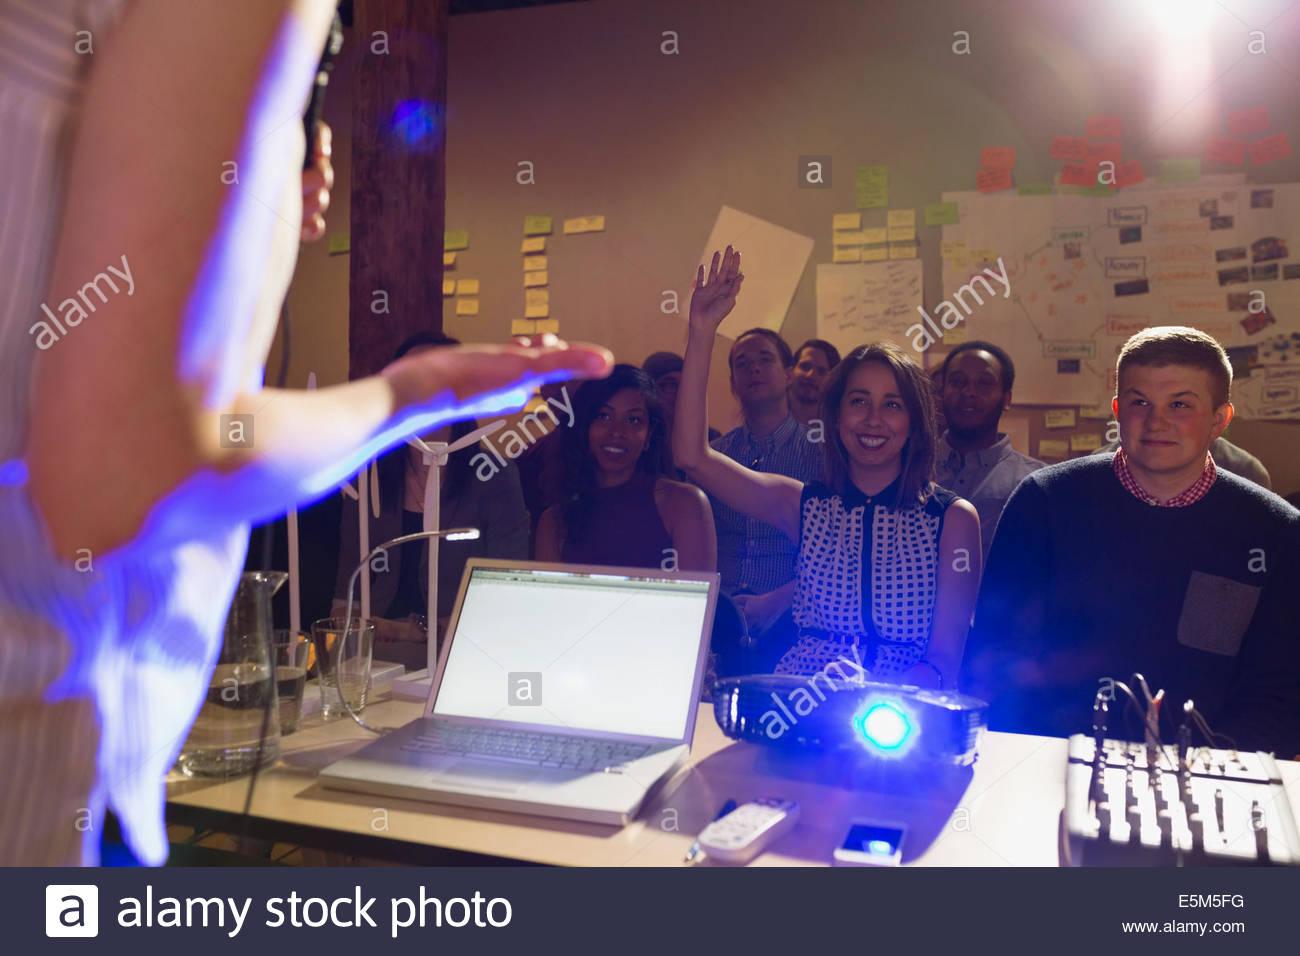 Miembro de la audiencia levantando la mano en la presentación Imagen De Stock